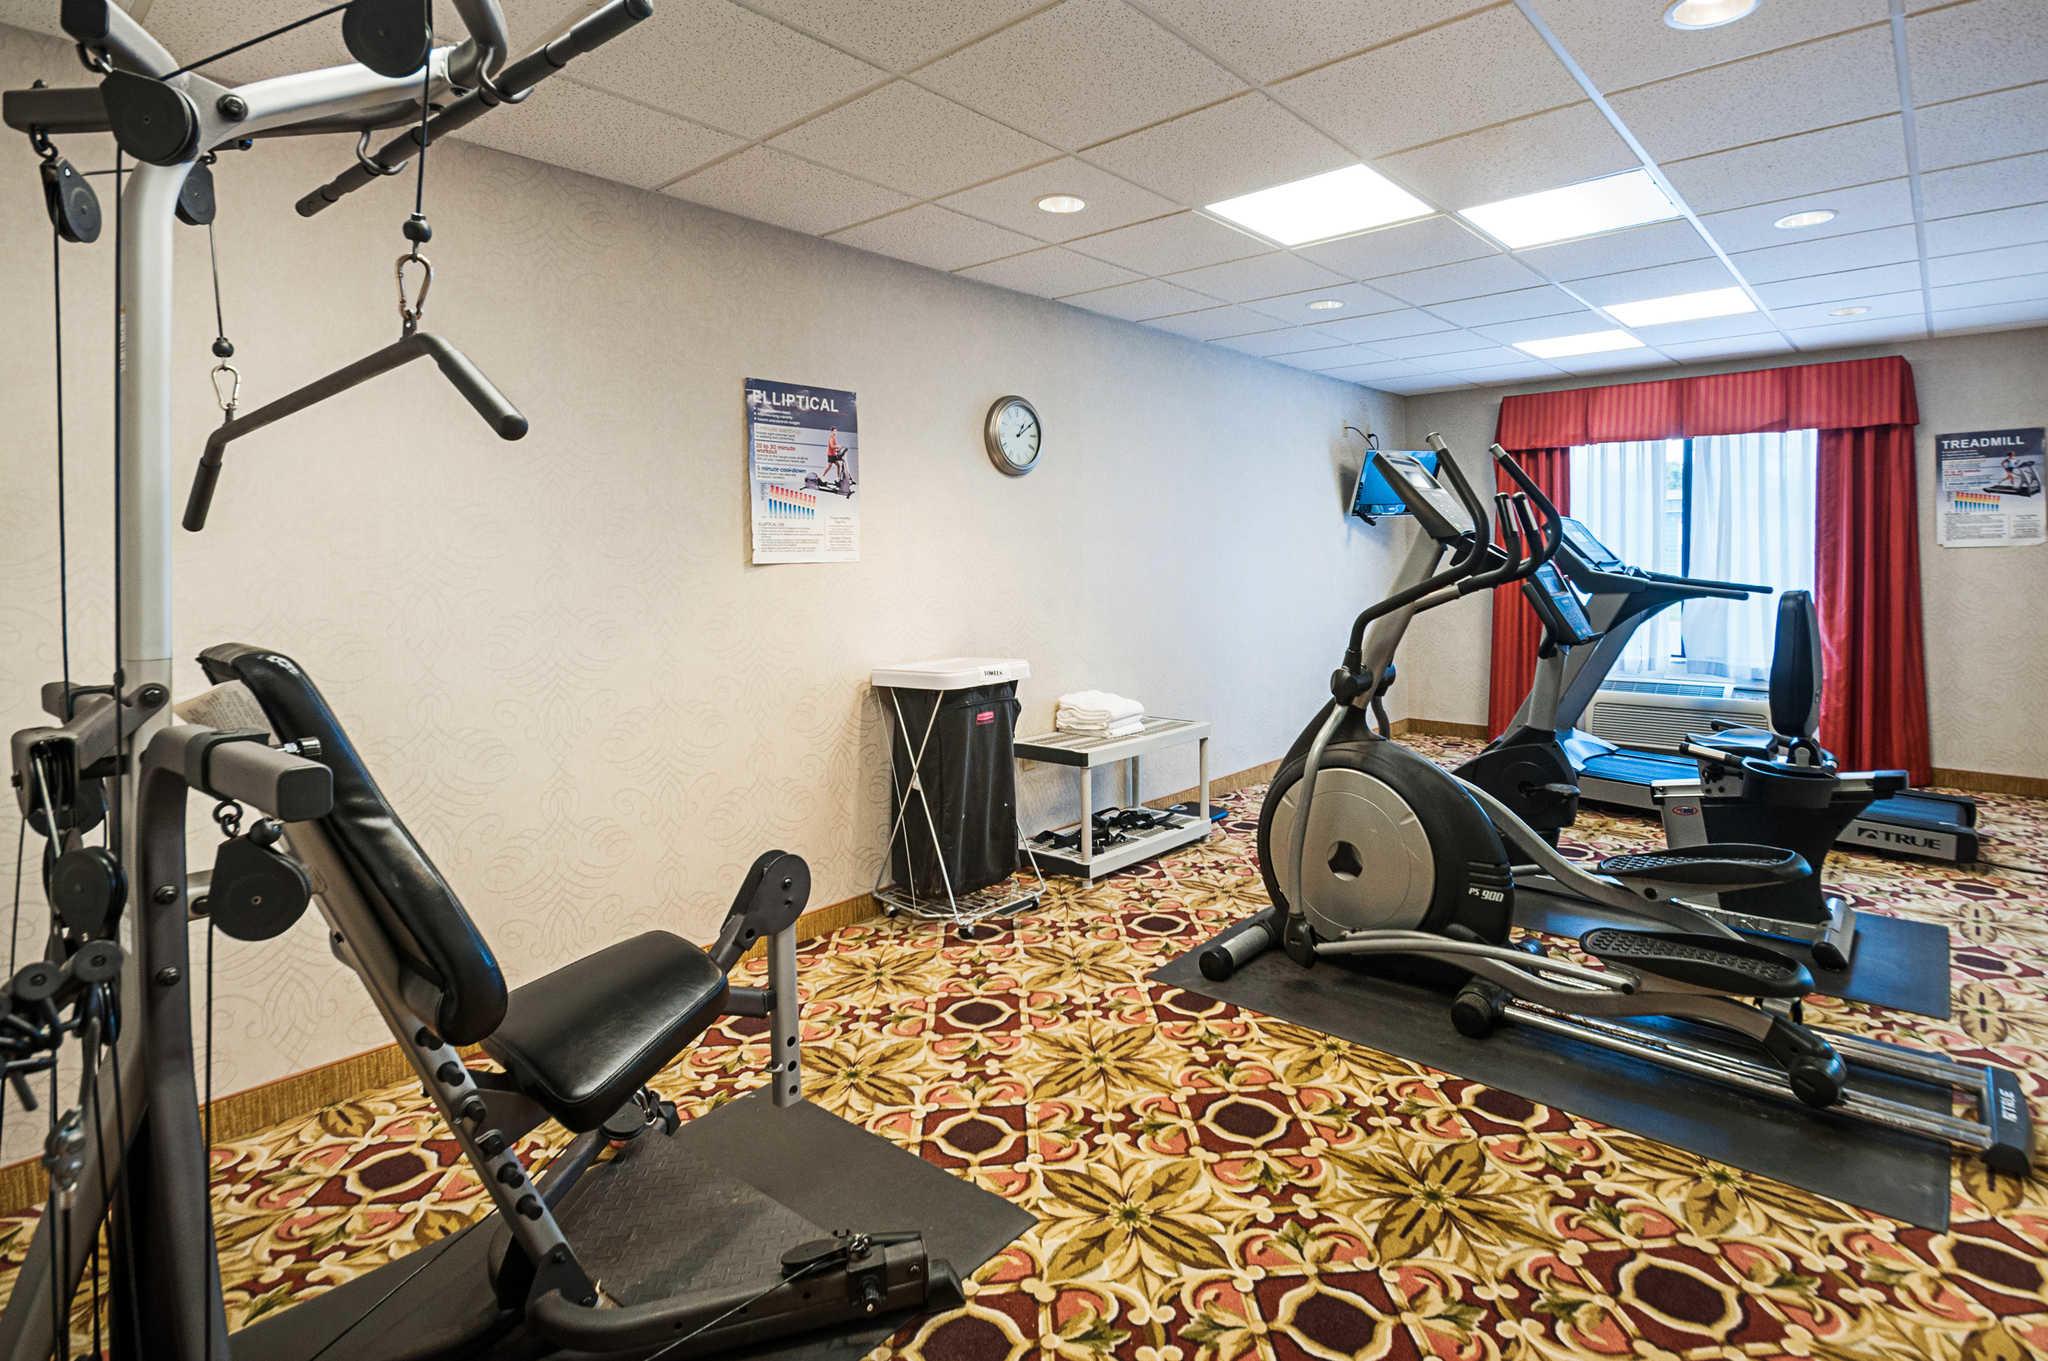 Comfort Inn & Suites Cambridge image 32